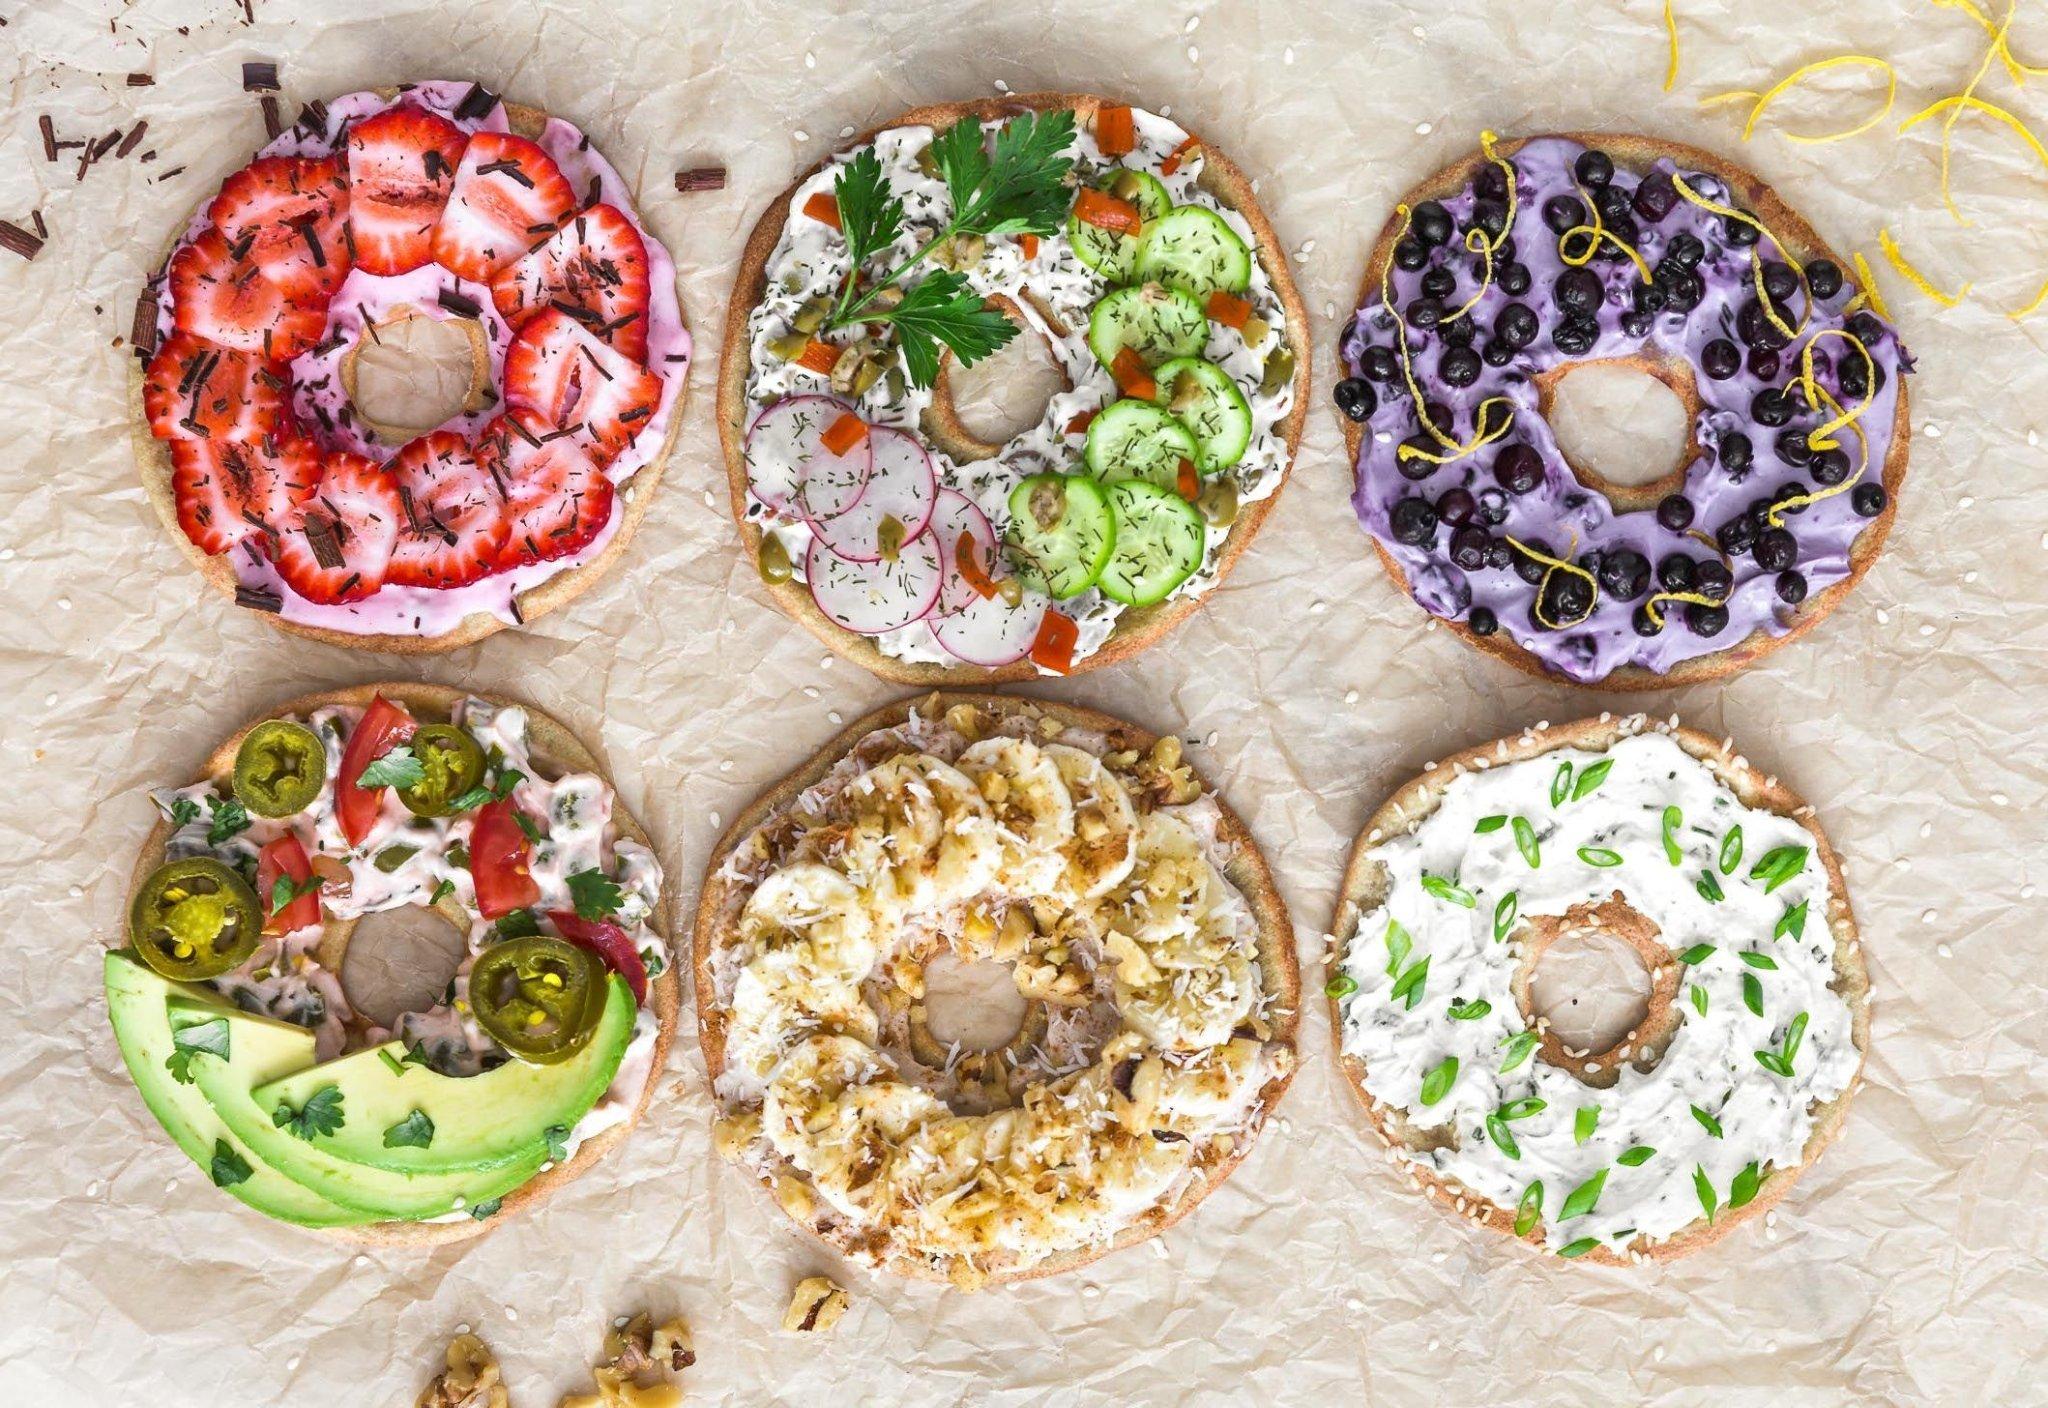 Recipes Using Protein-Rich Quinoa